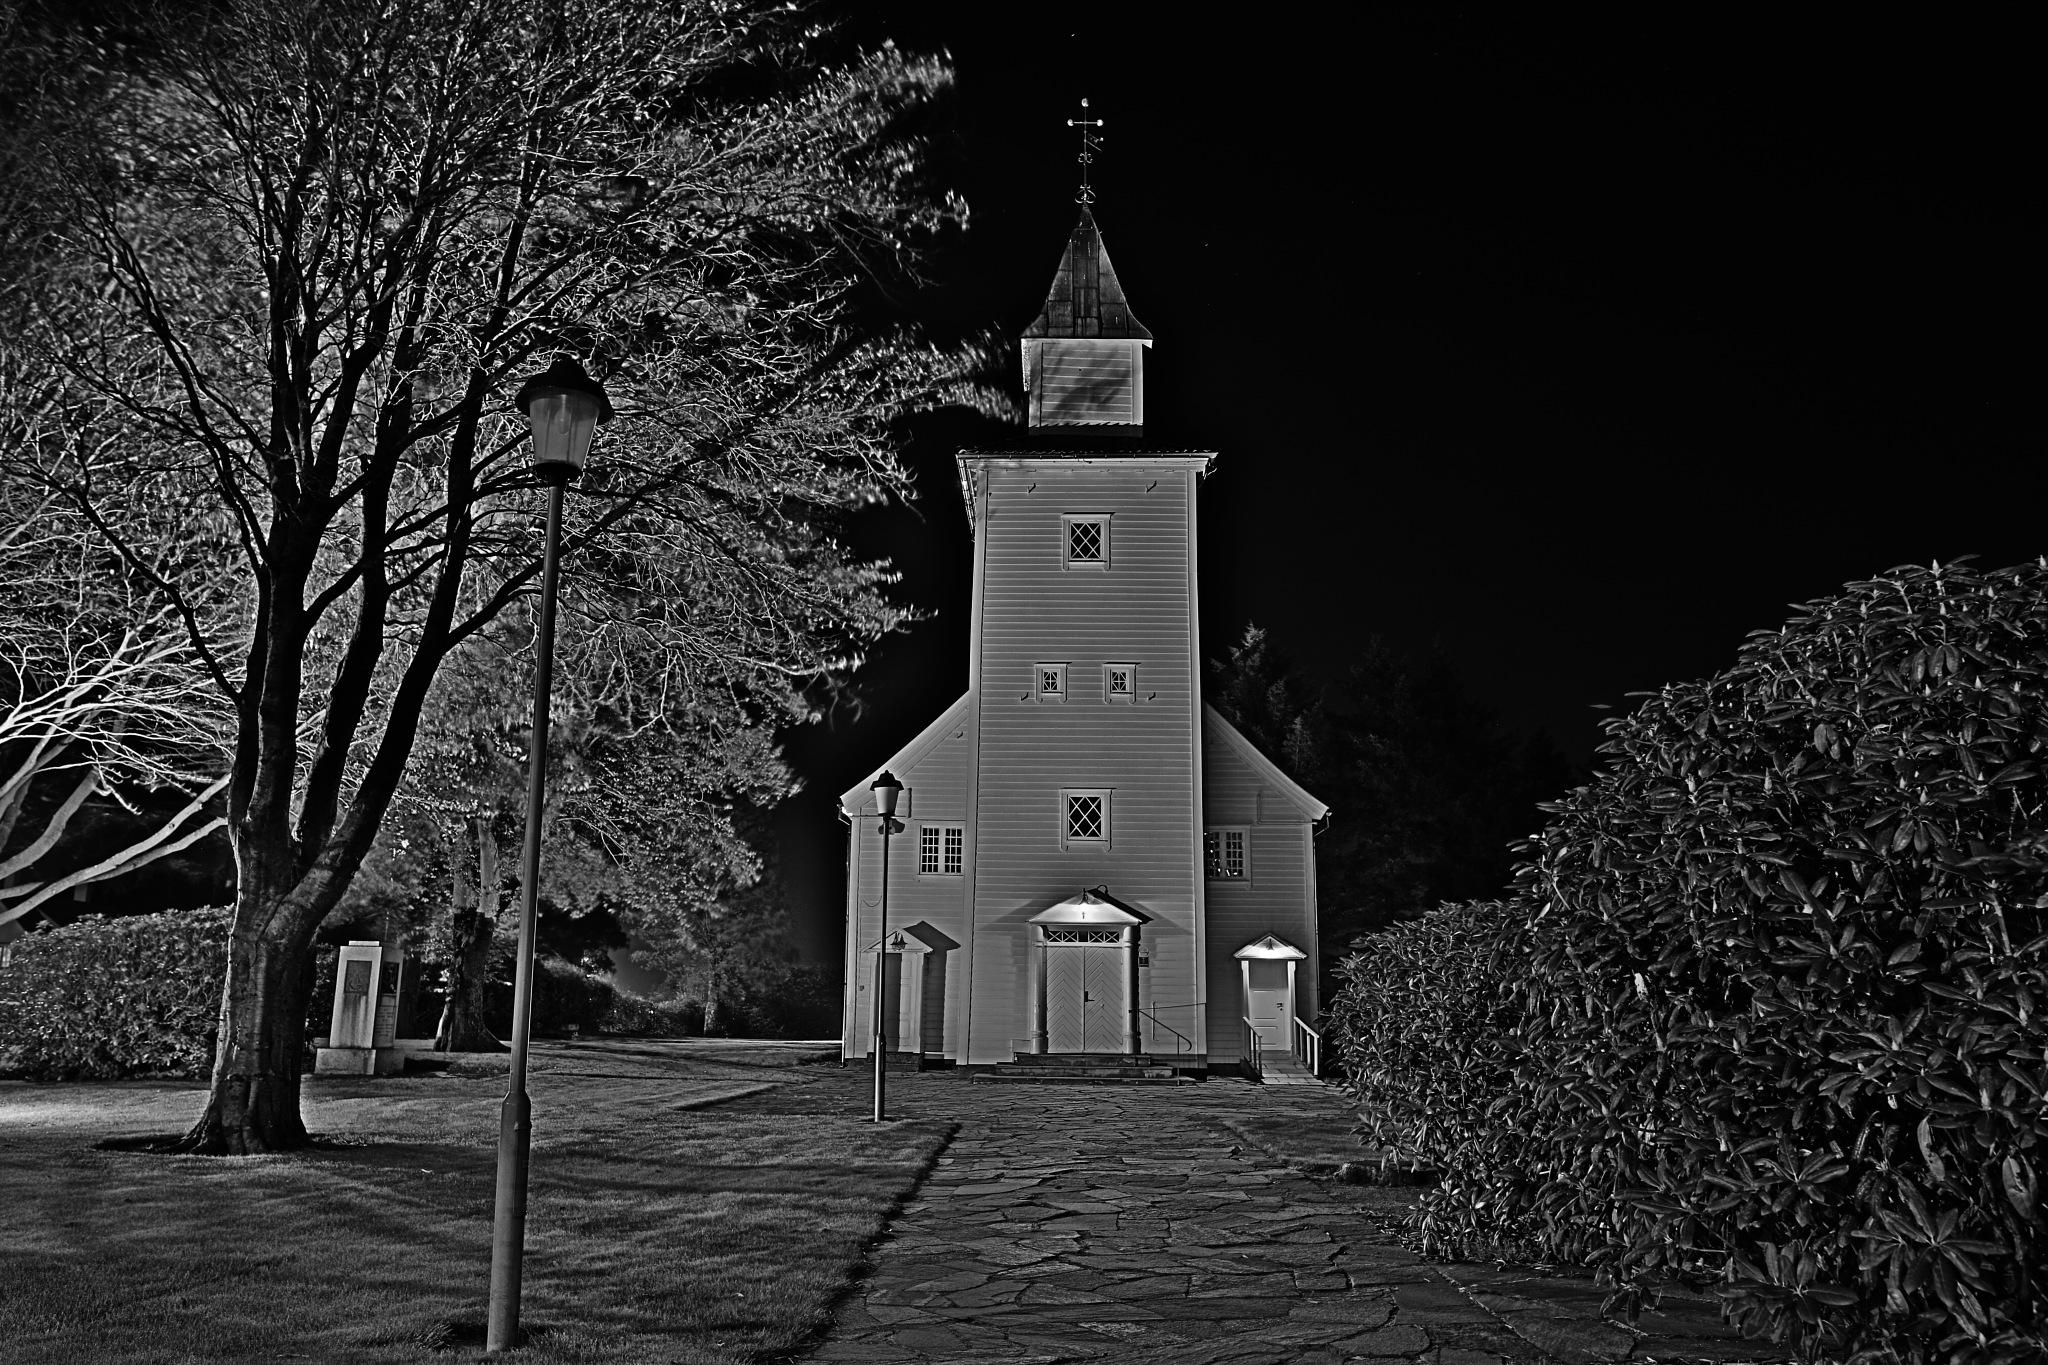 Gods house. by Baard Groedeland